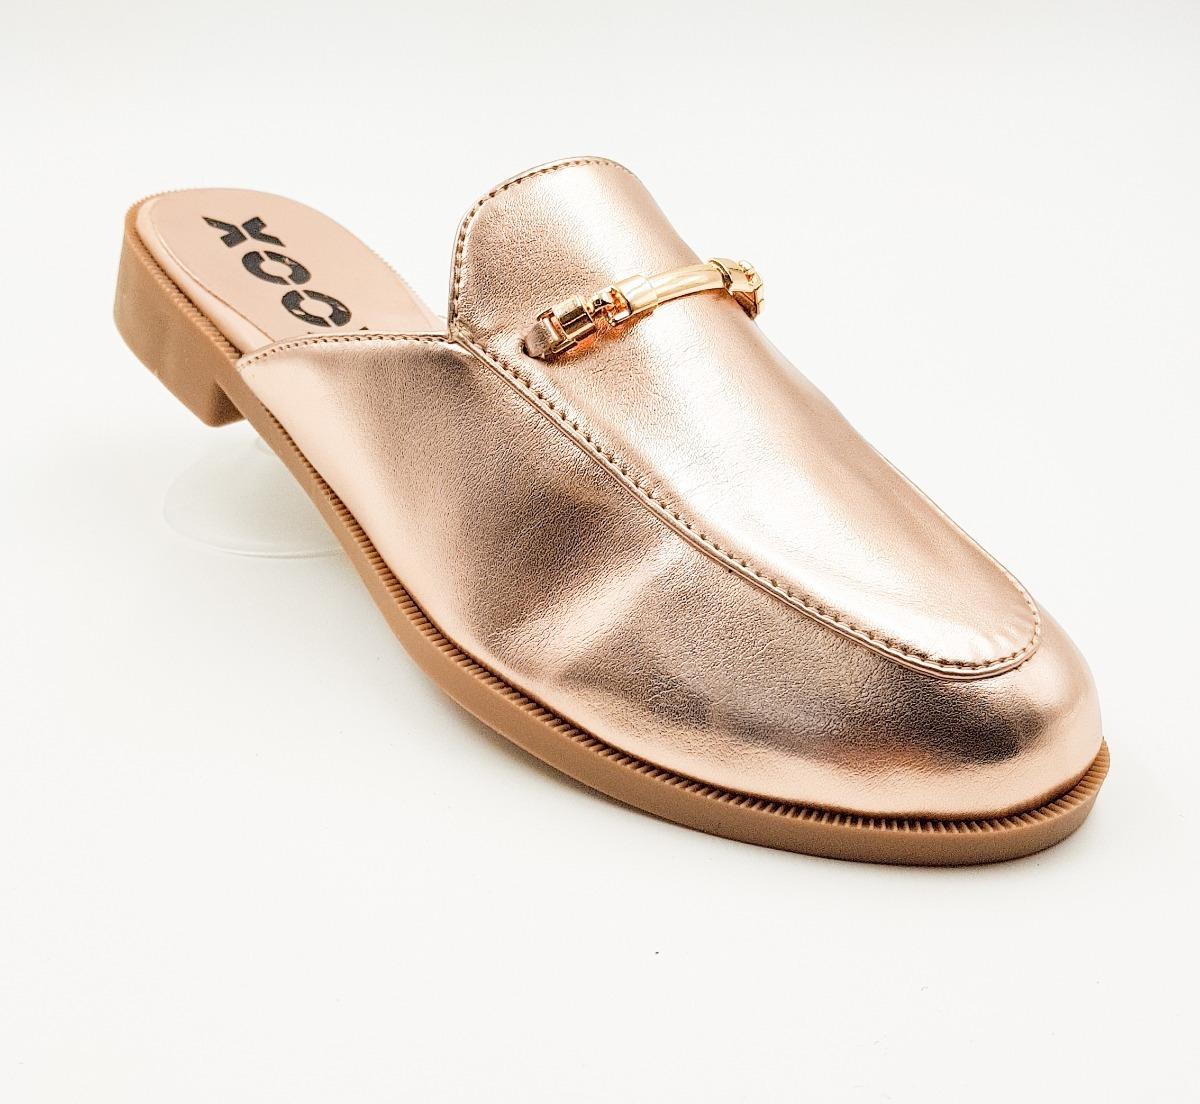 ae85580421c Zapato Destalonado Mule Para Mujer Calzado